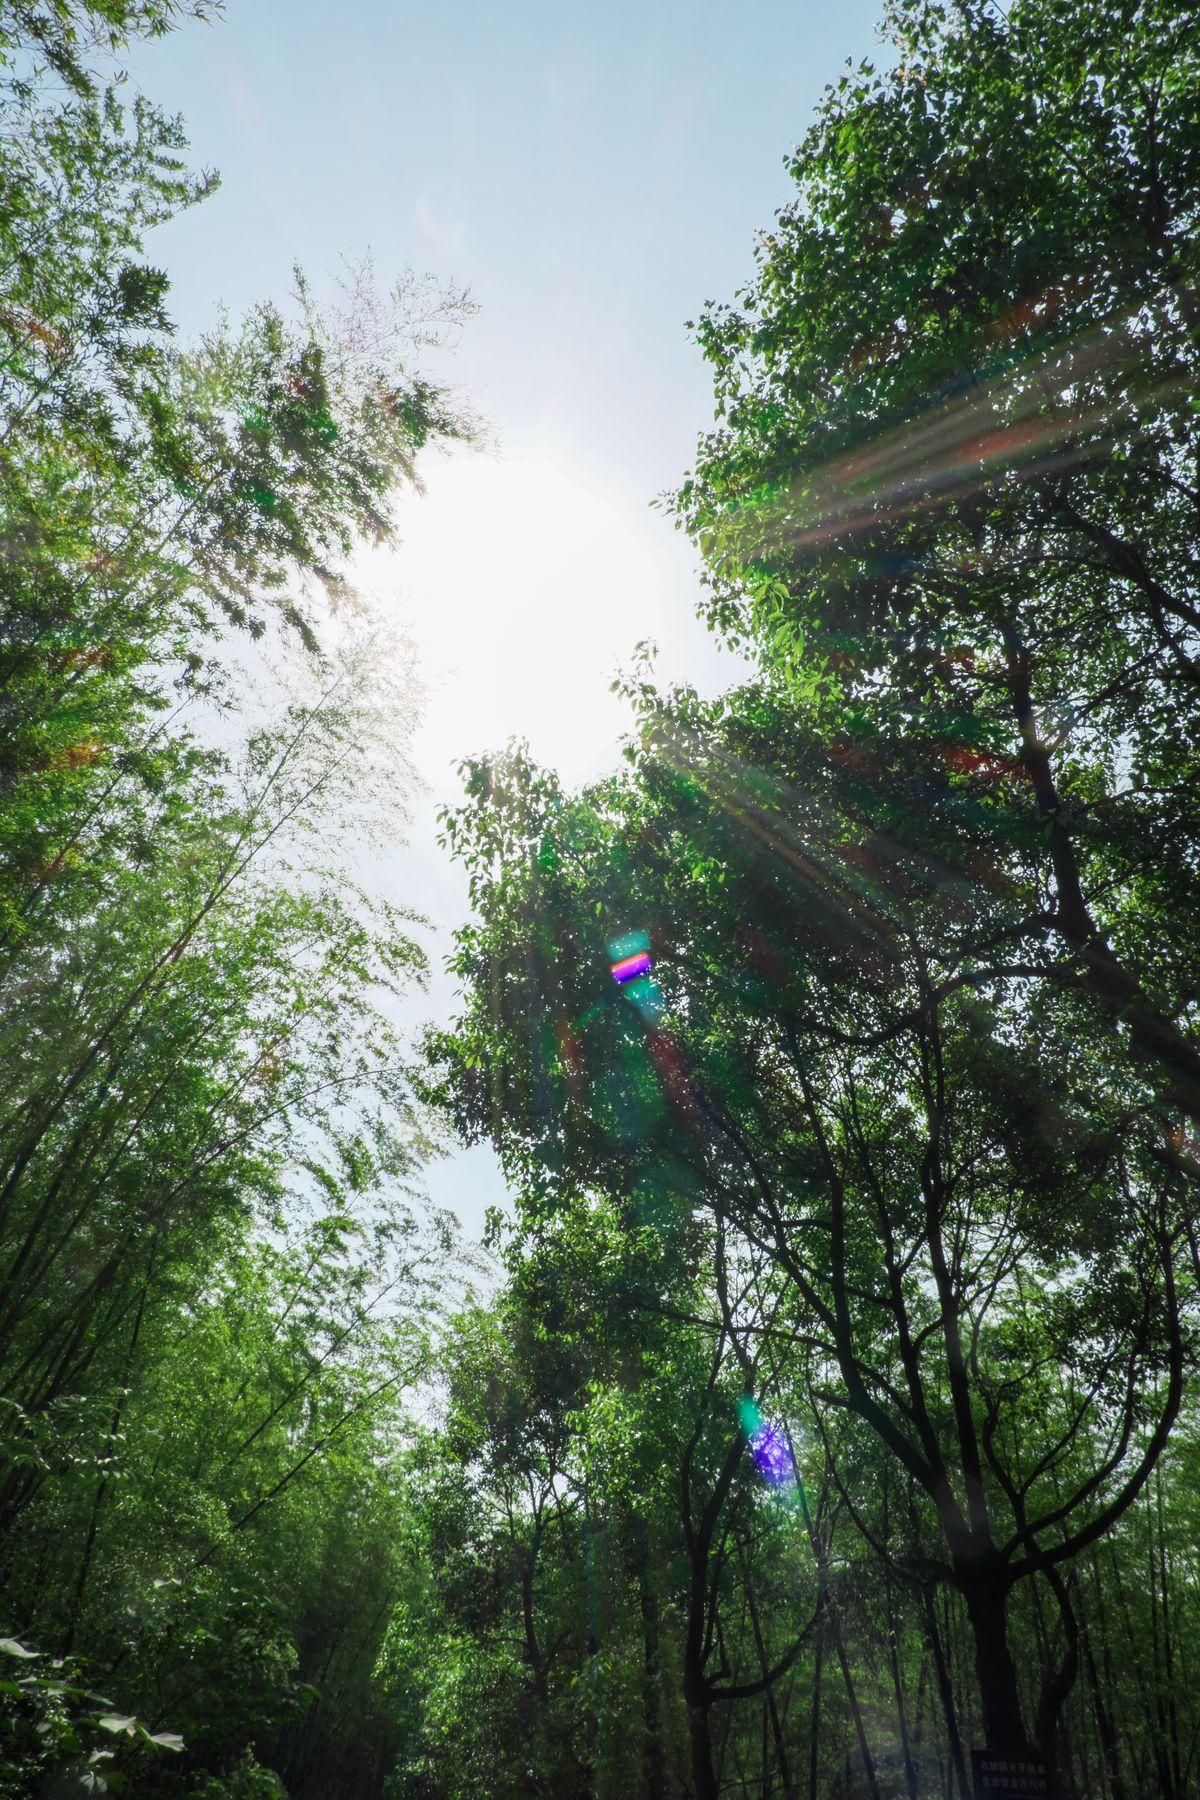 阳光下的树林风景照片下载 - 免费正版图片